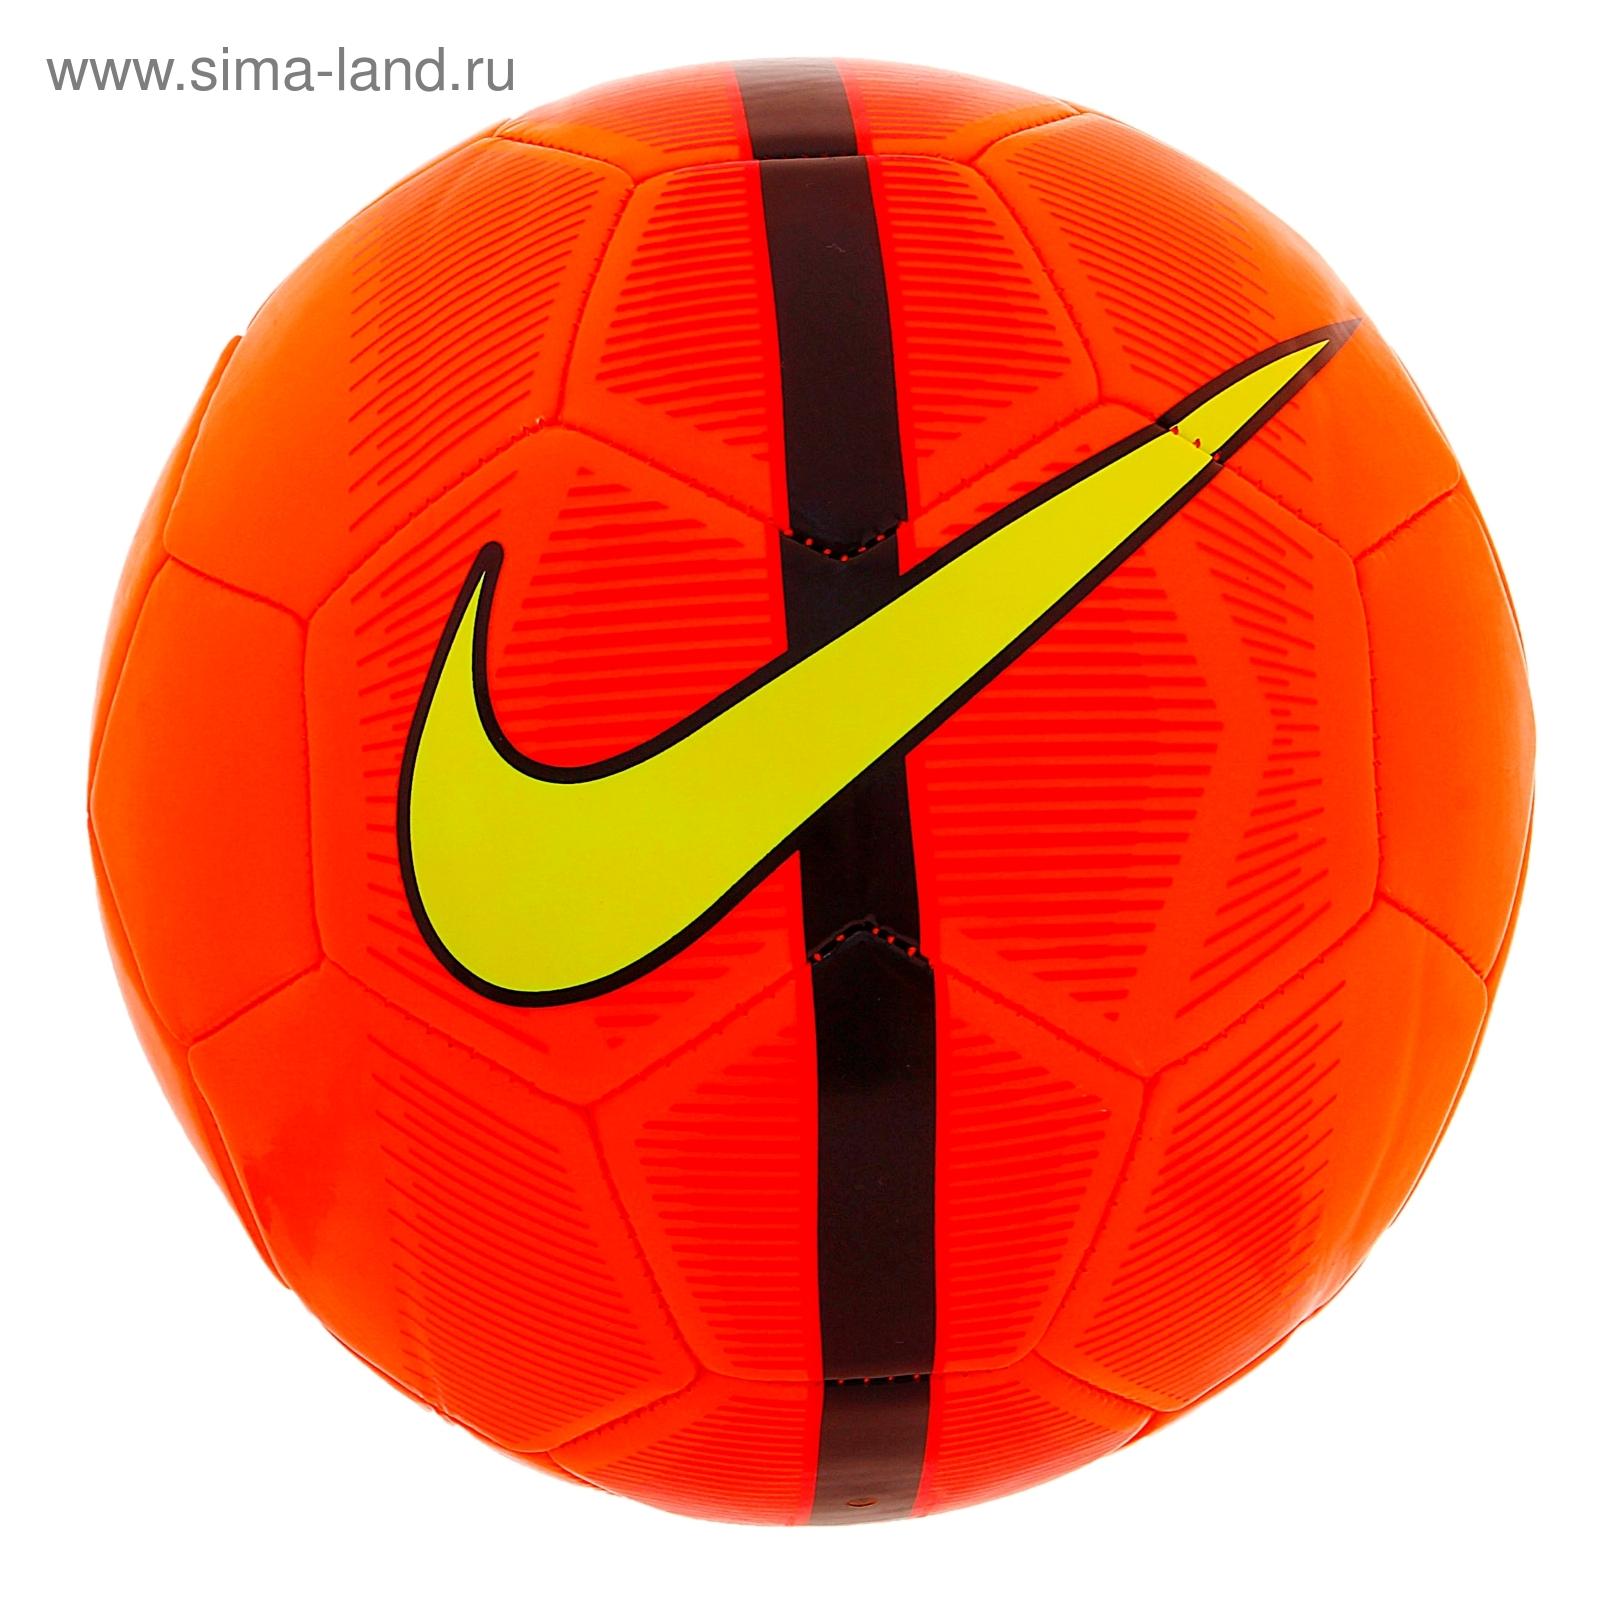 Мяч футбольный Nike Mercurial Fade, SC2361-867, размер 5 (884220 ... f45d6924585